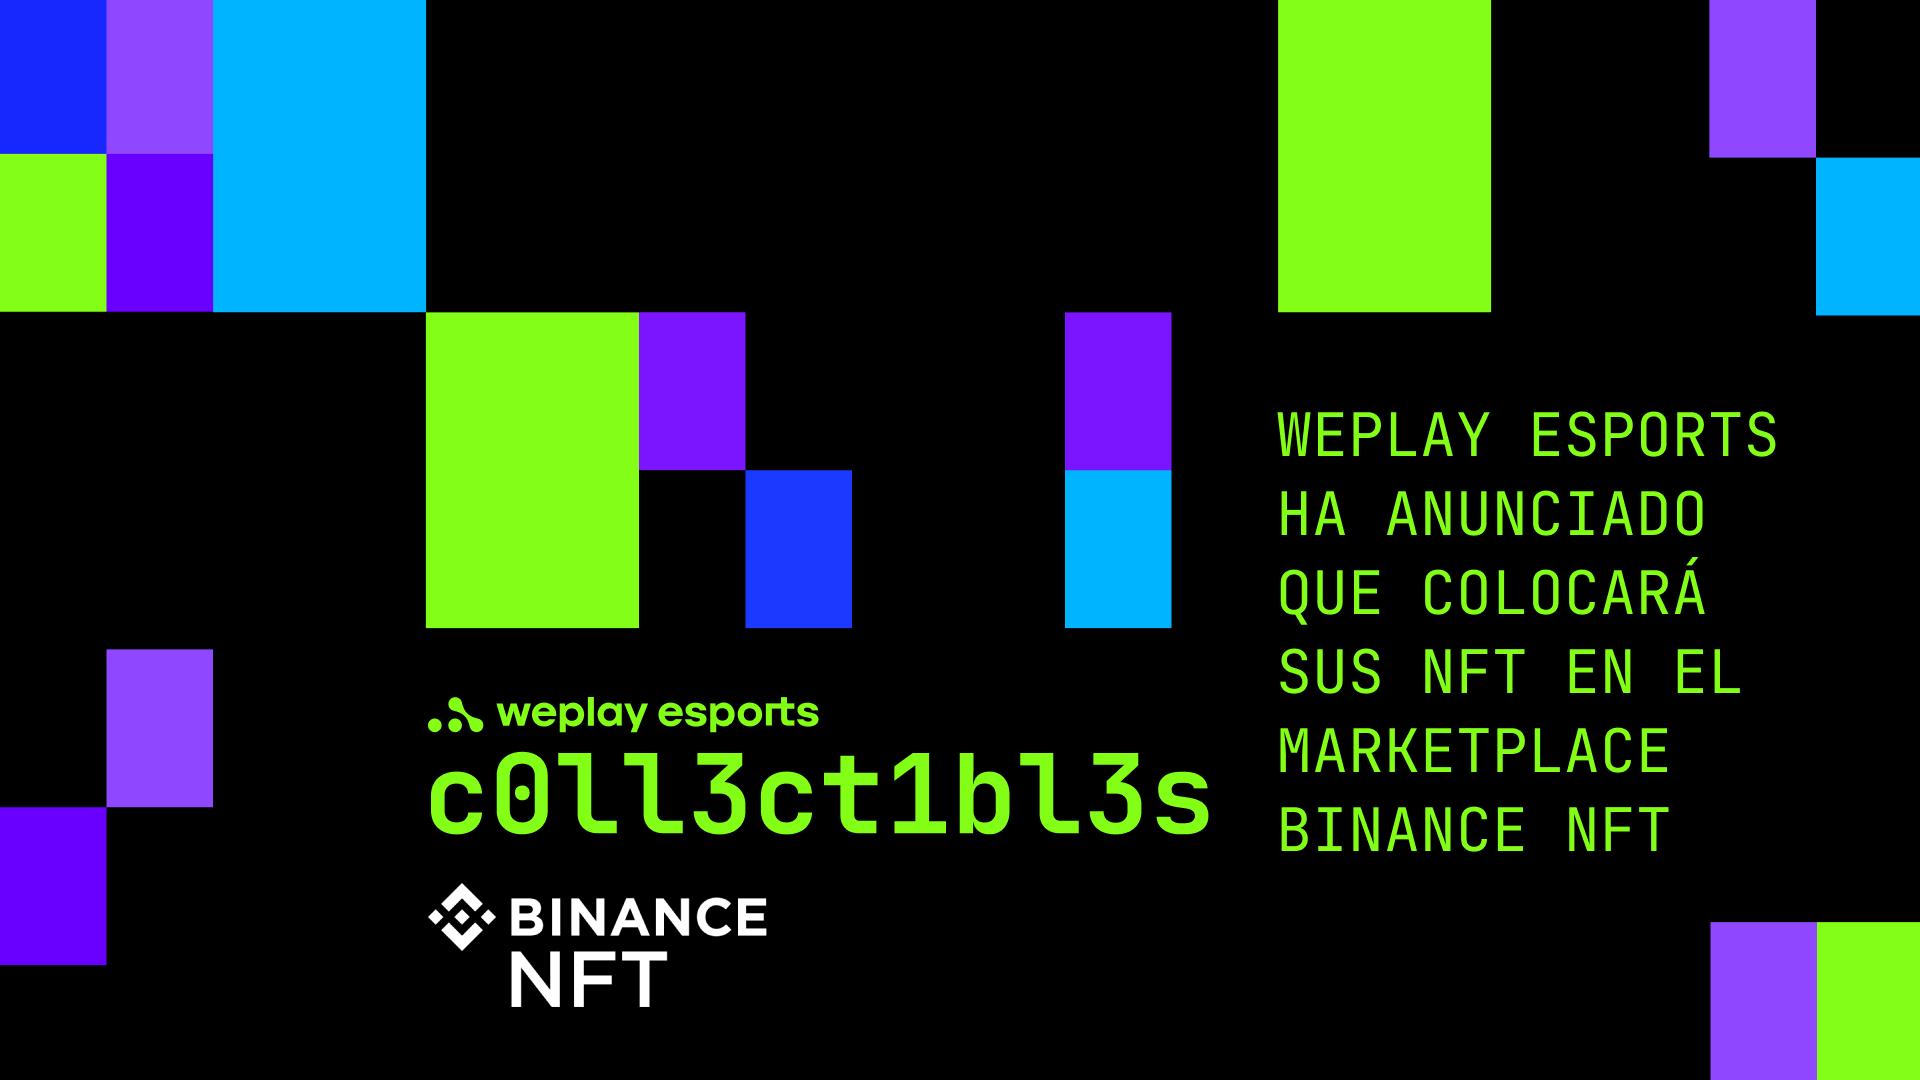 WePlay Esports ha anunciado que colocará sus NFT en el marketplace Binance NFT. Imagen: WePlay Holding